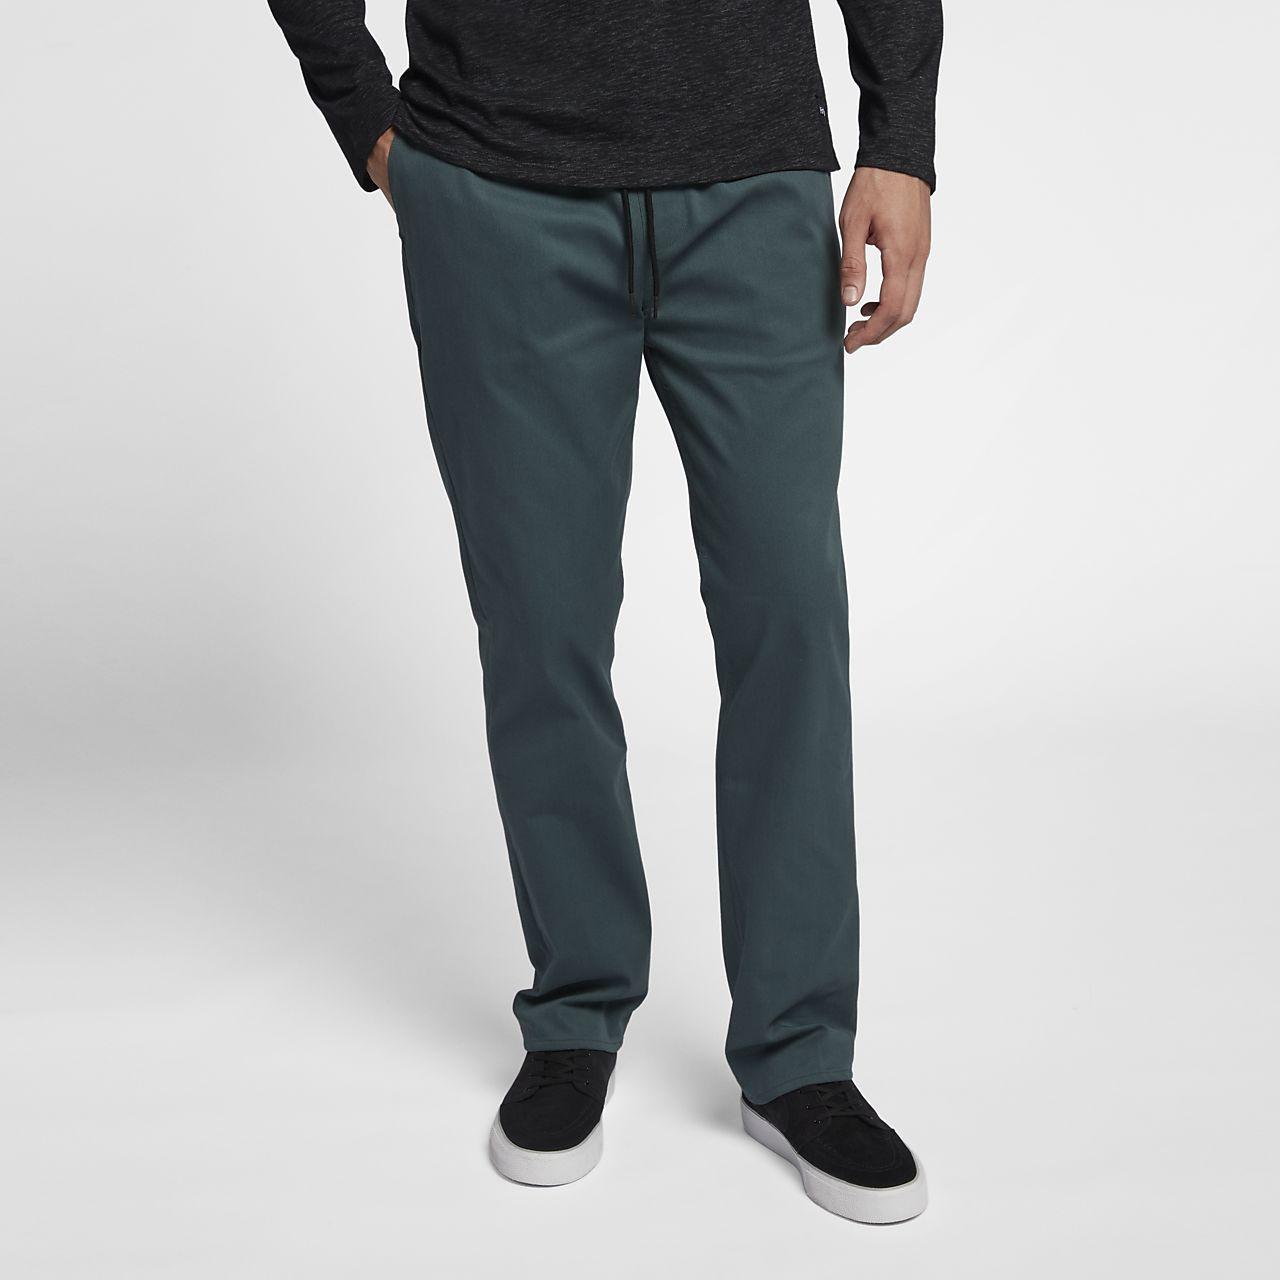 5da02c104 Spodnie męskie Hurley Dri-FIT Ditch. Nike.com PL